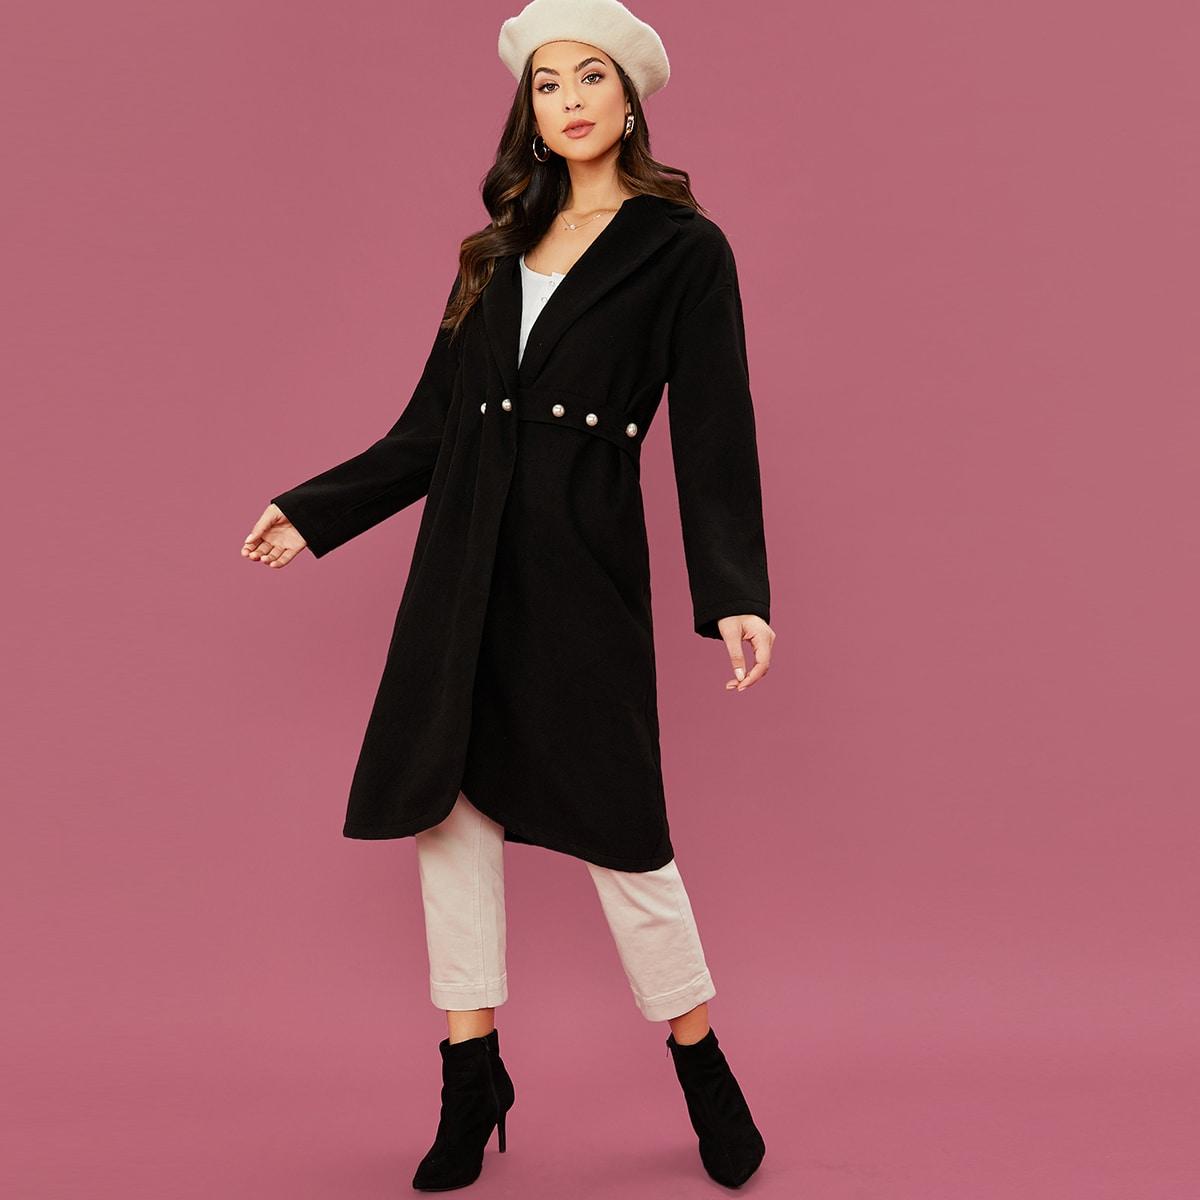 Mantel mit Knöpfen vorn